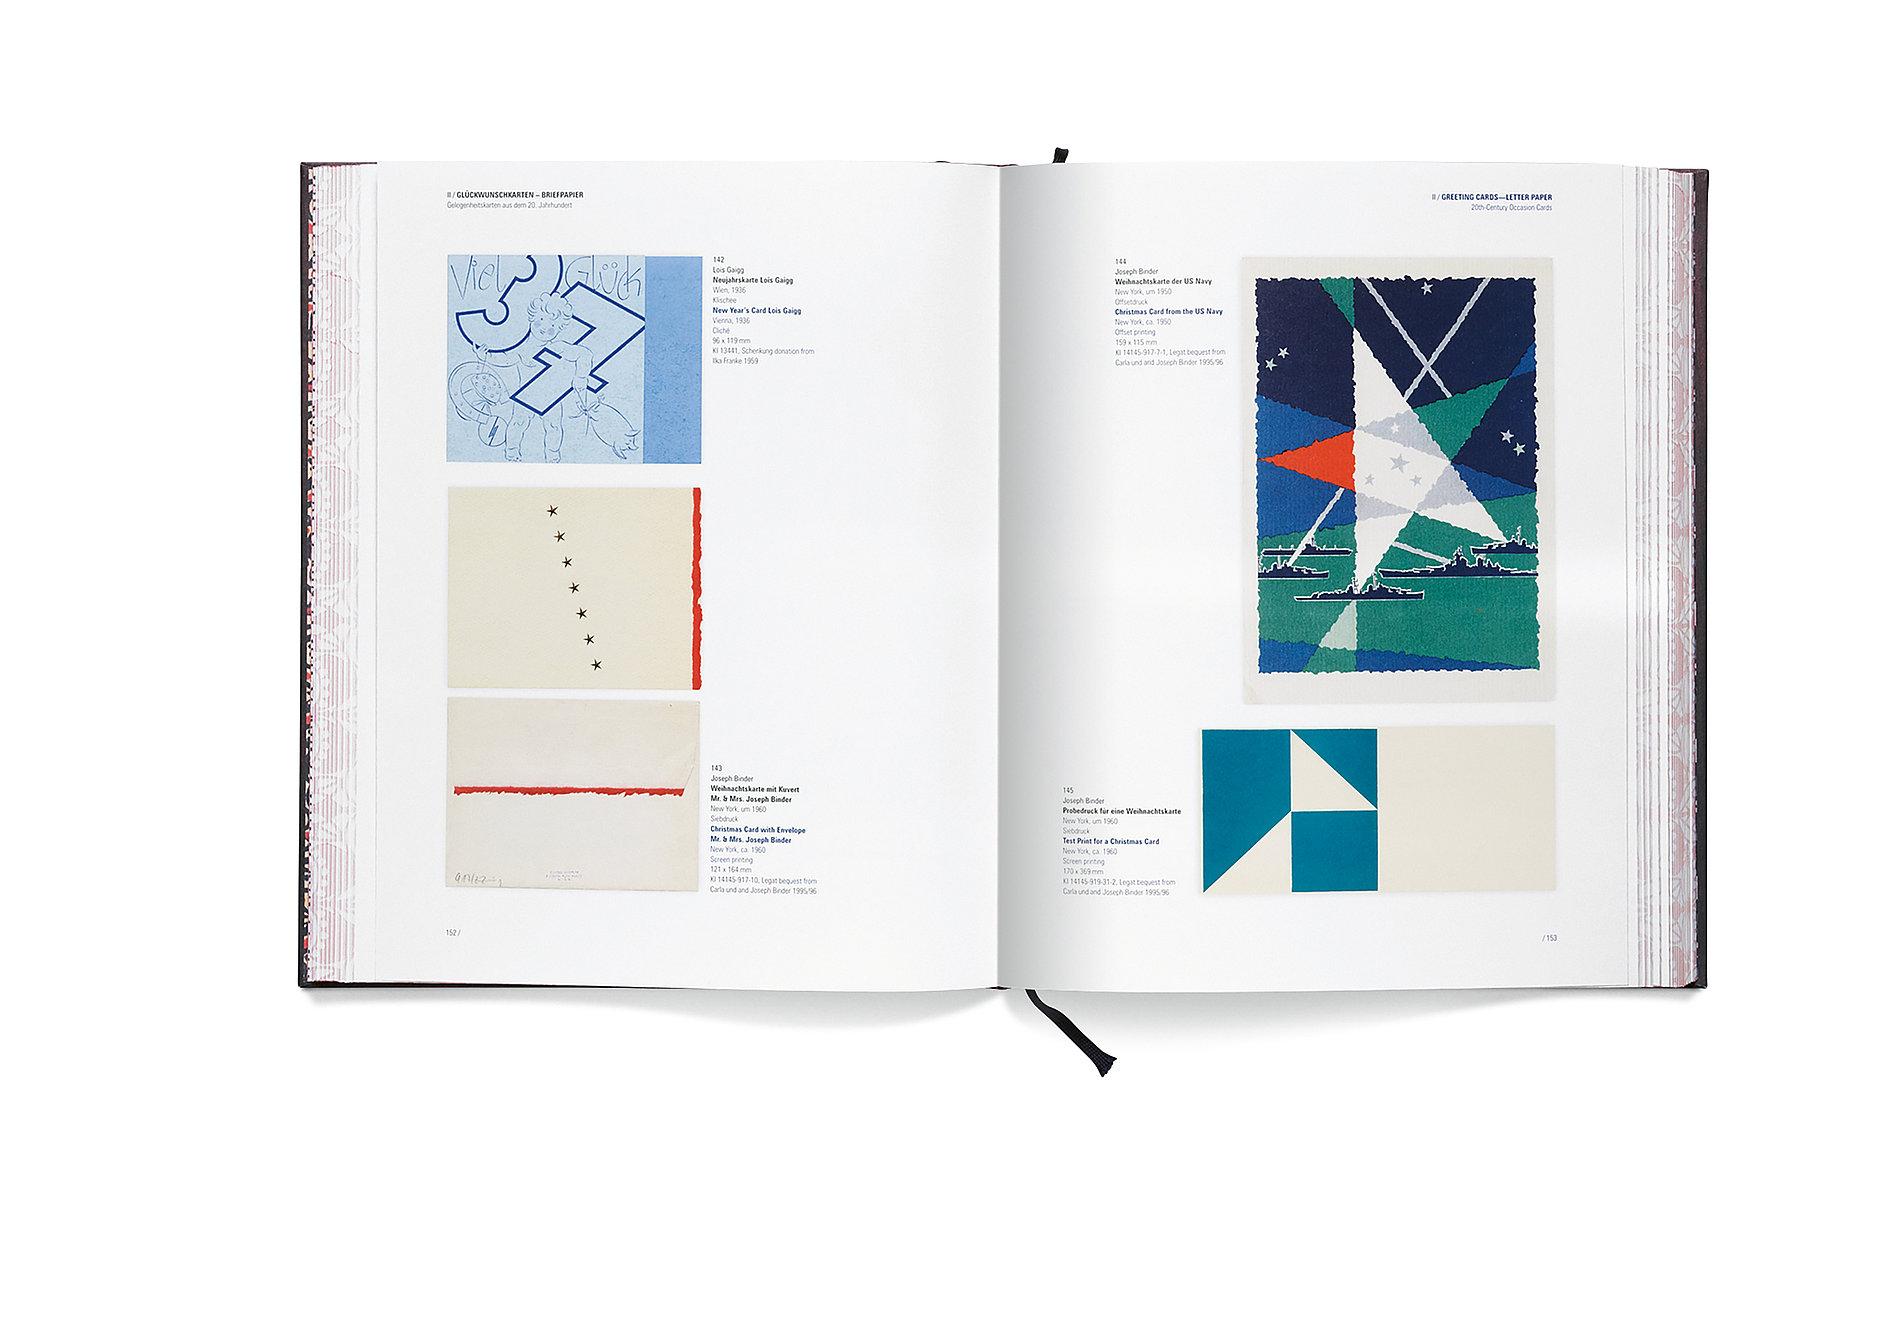 EPHEMERA – Die Gebrauchsgrafik der MAK-Bibliothek und Kunstblättersammlung | Red Dot Design Award